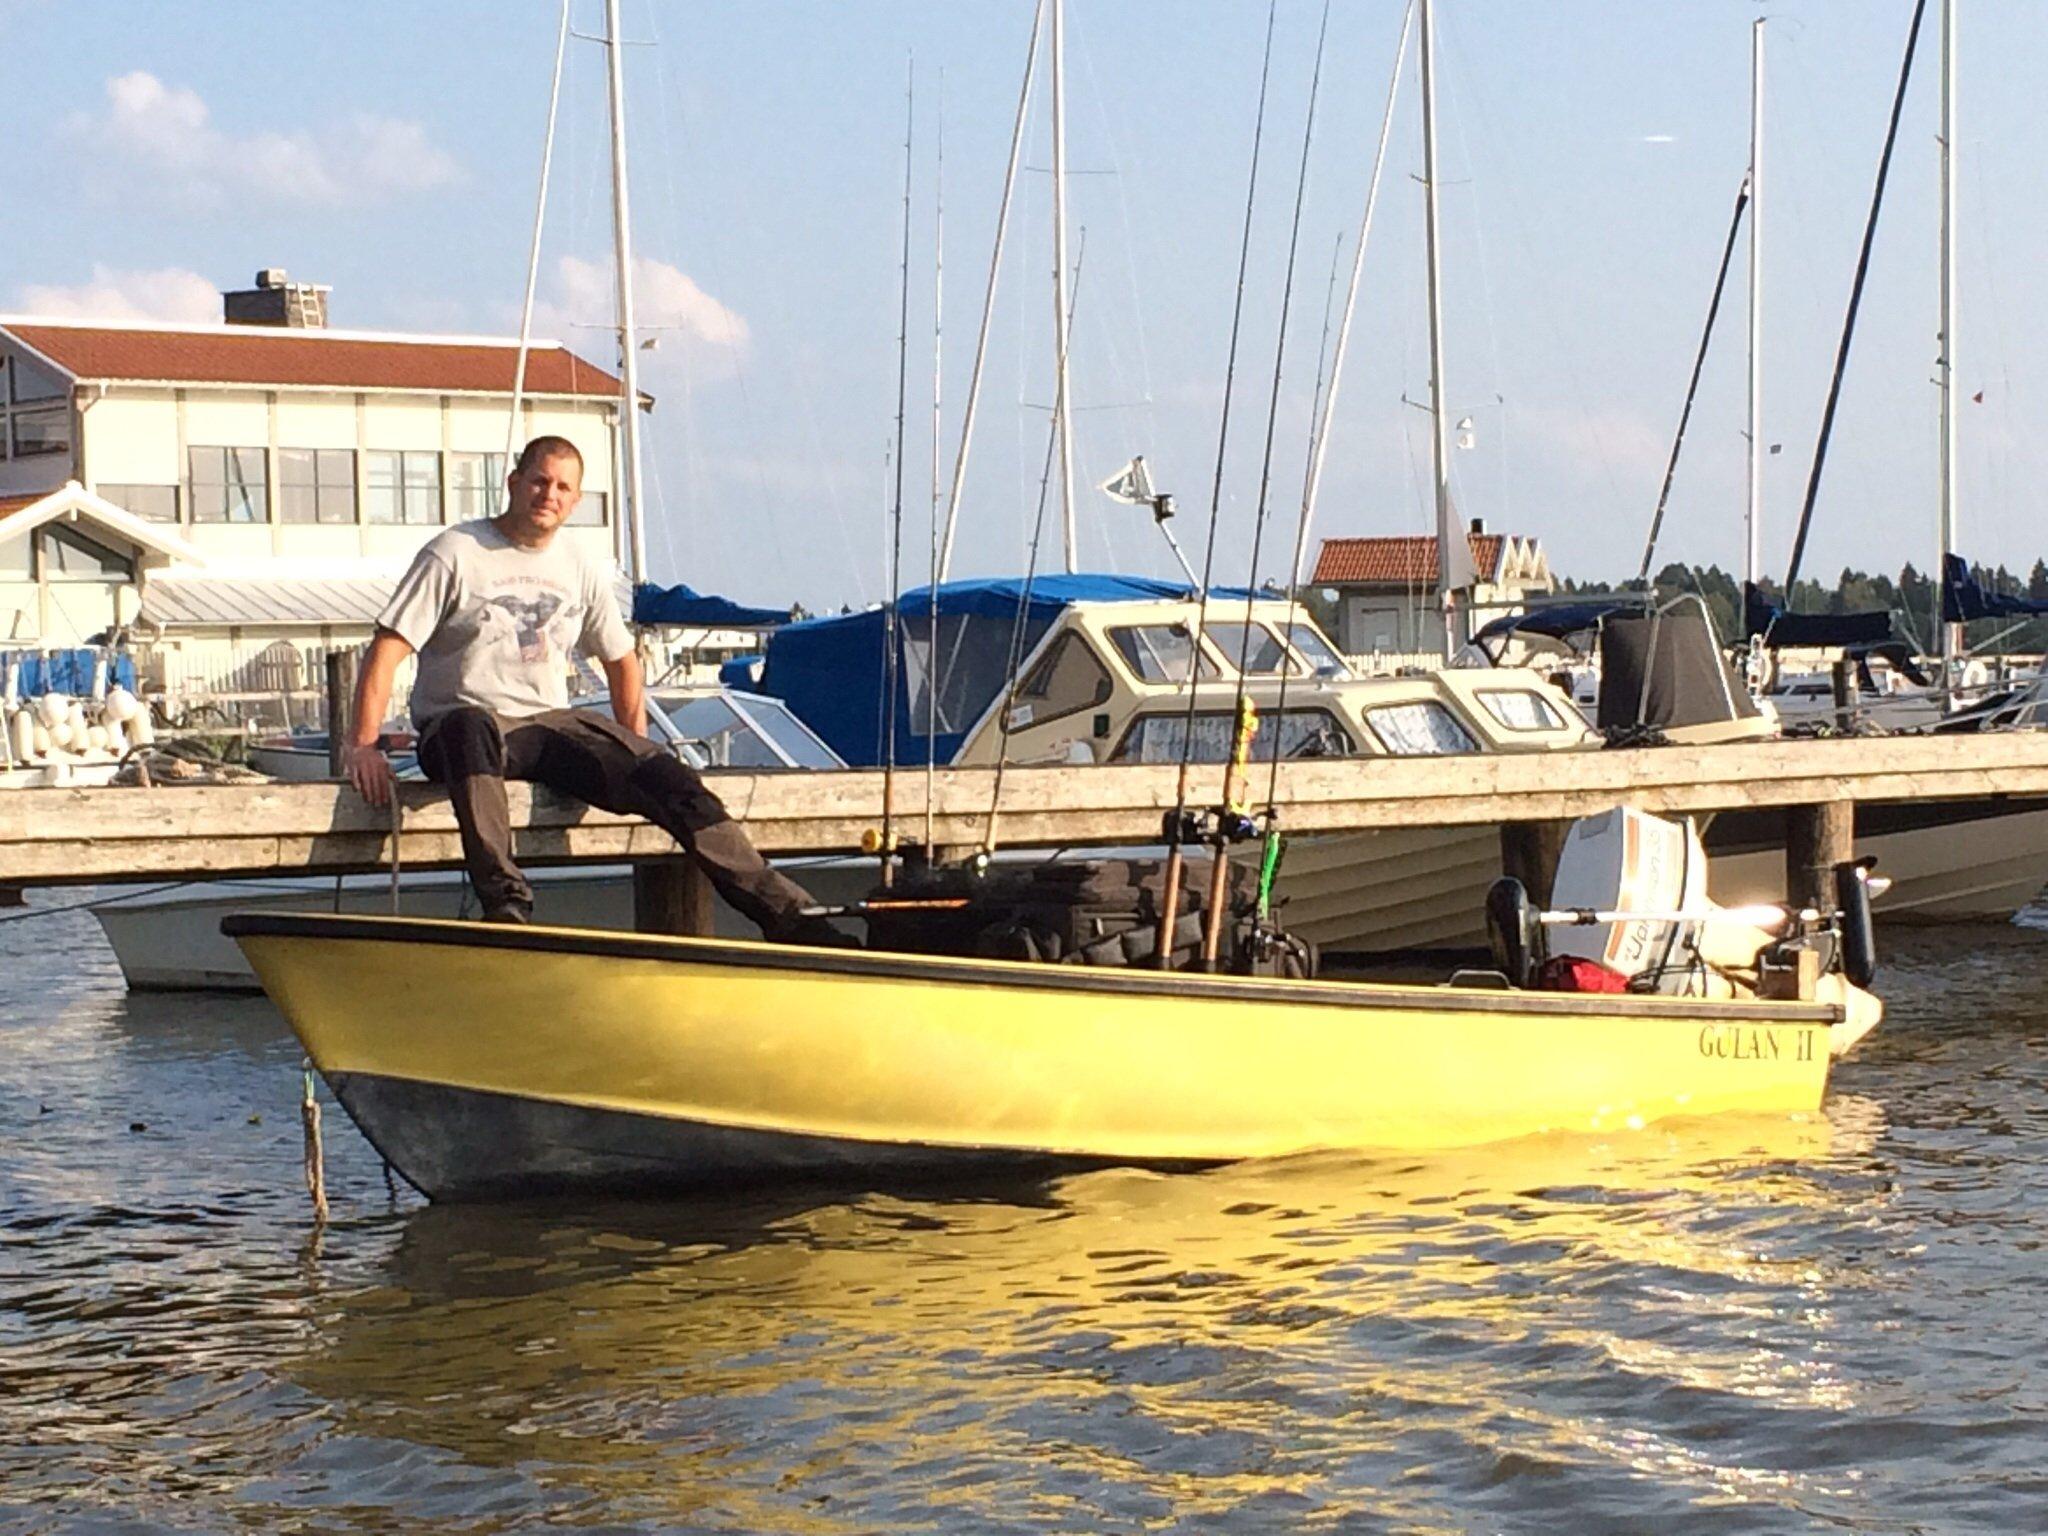 Kuttersmycket väntade på båten när jag kom till Västerås